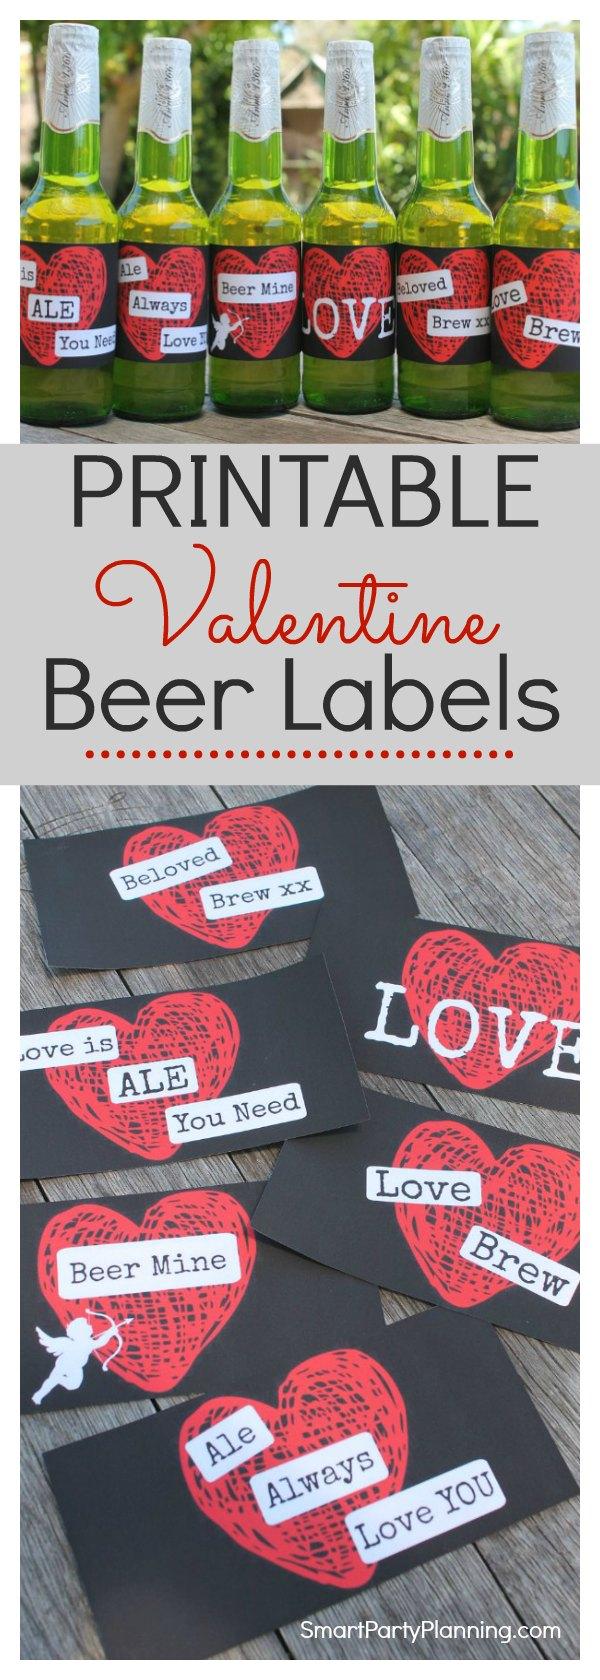 Printable Valentines Day Beer Labels